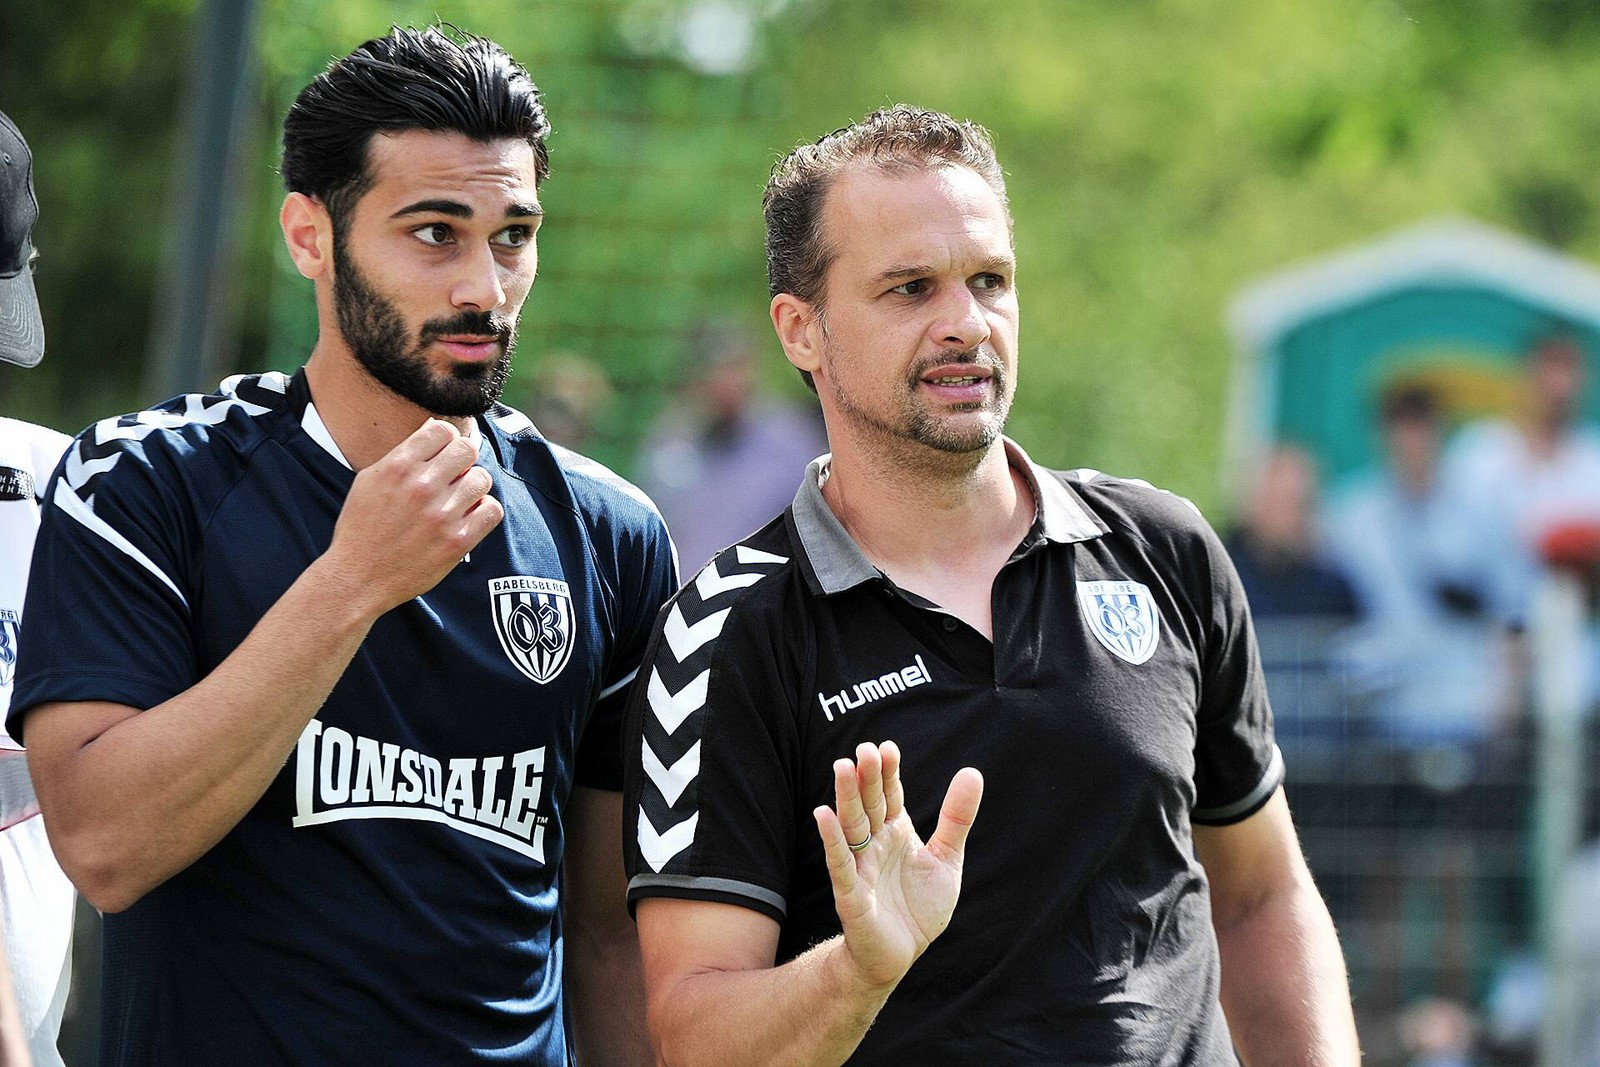 Babelsberg-Trainer Almedic Civa (r.) im Gespräch mit seinem Angreifer Abdulkadir Beyazit.